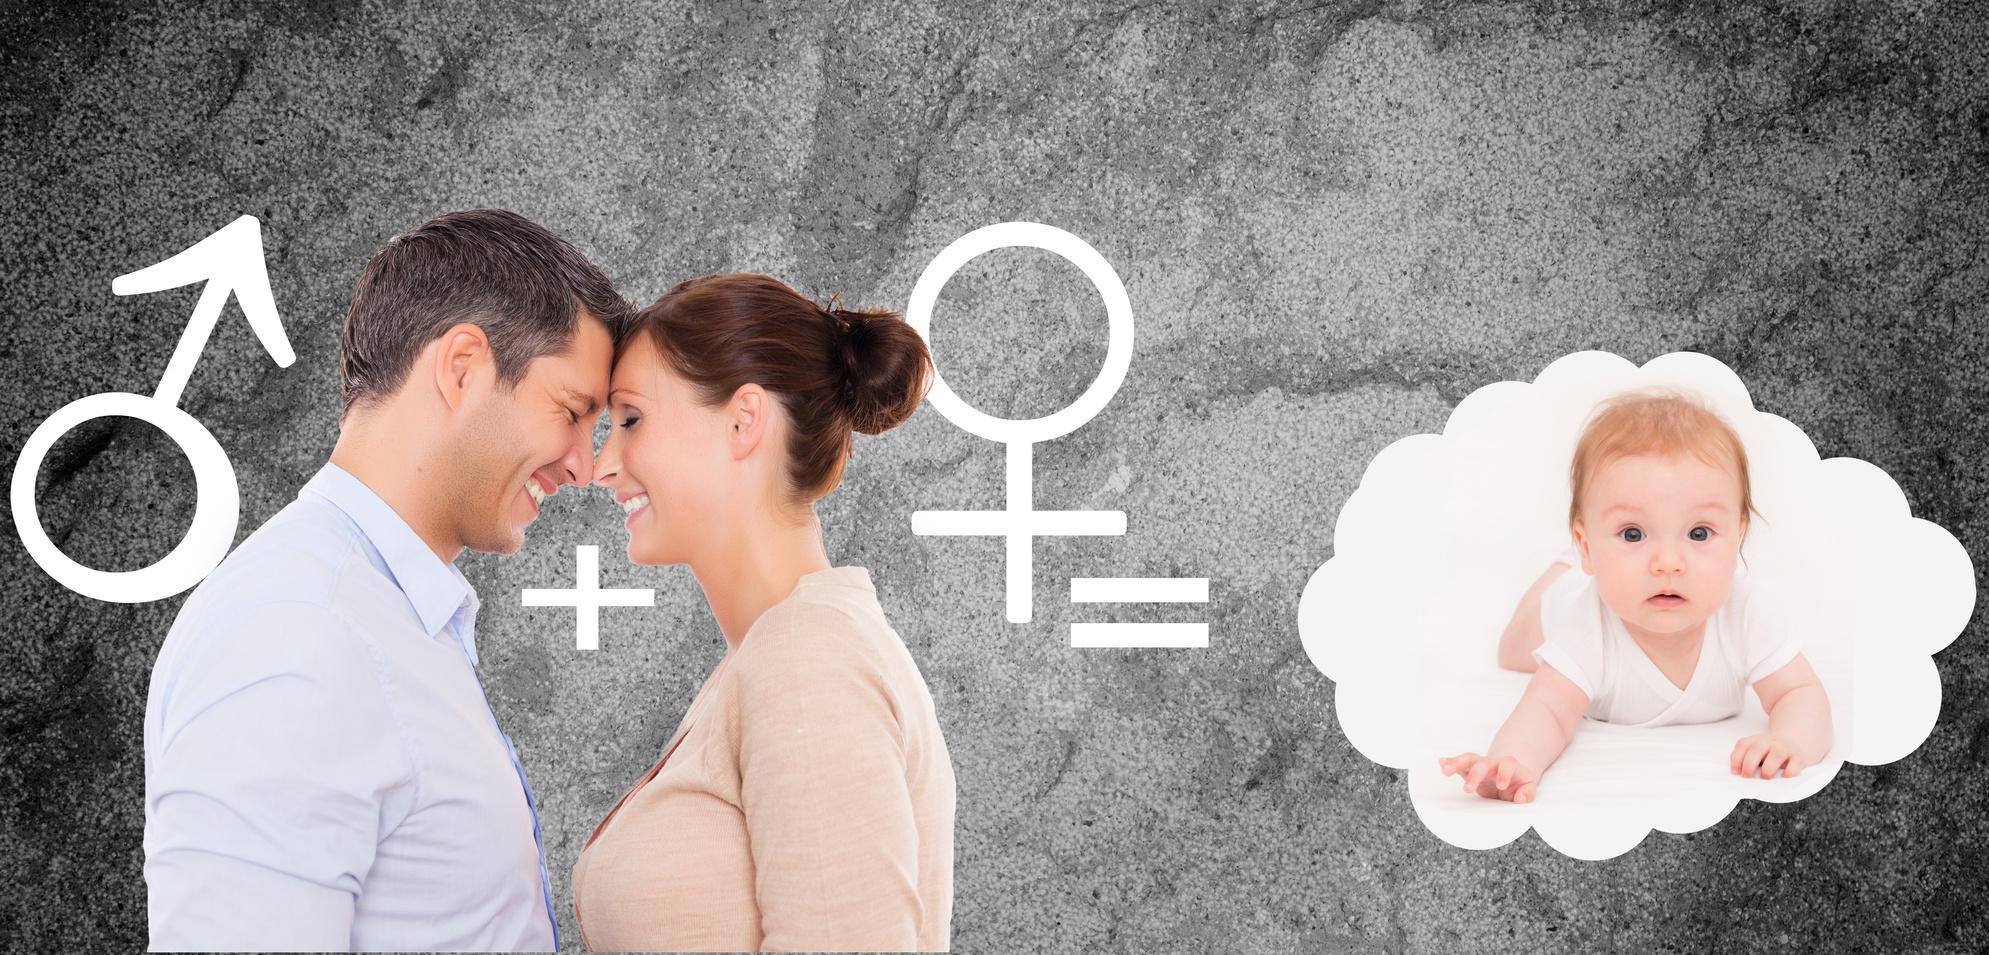 ¿La Adopción de embriones con mujeres mayor de 40 años, que tasa de éxito tiene?